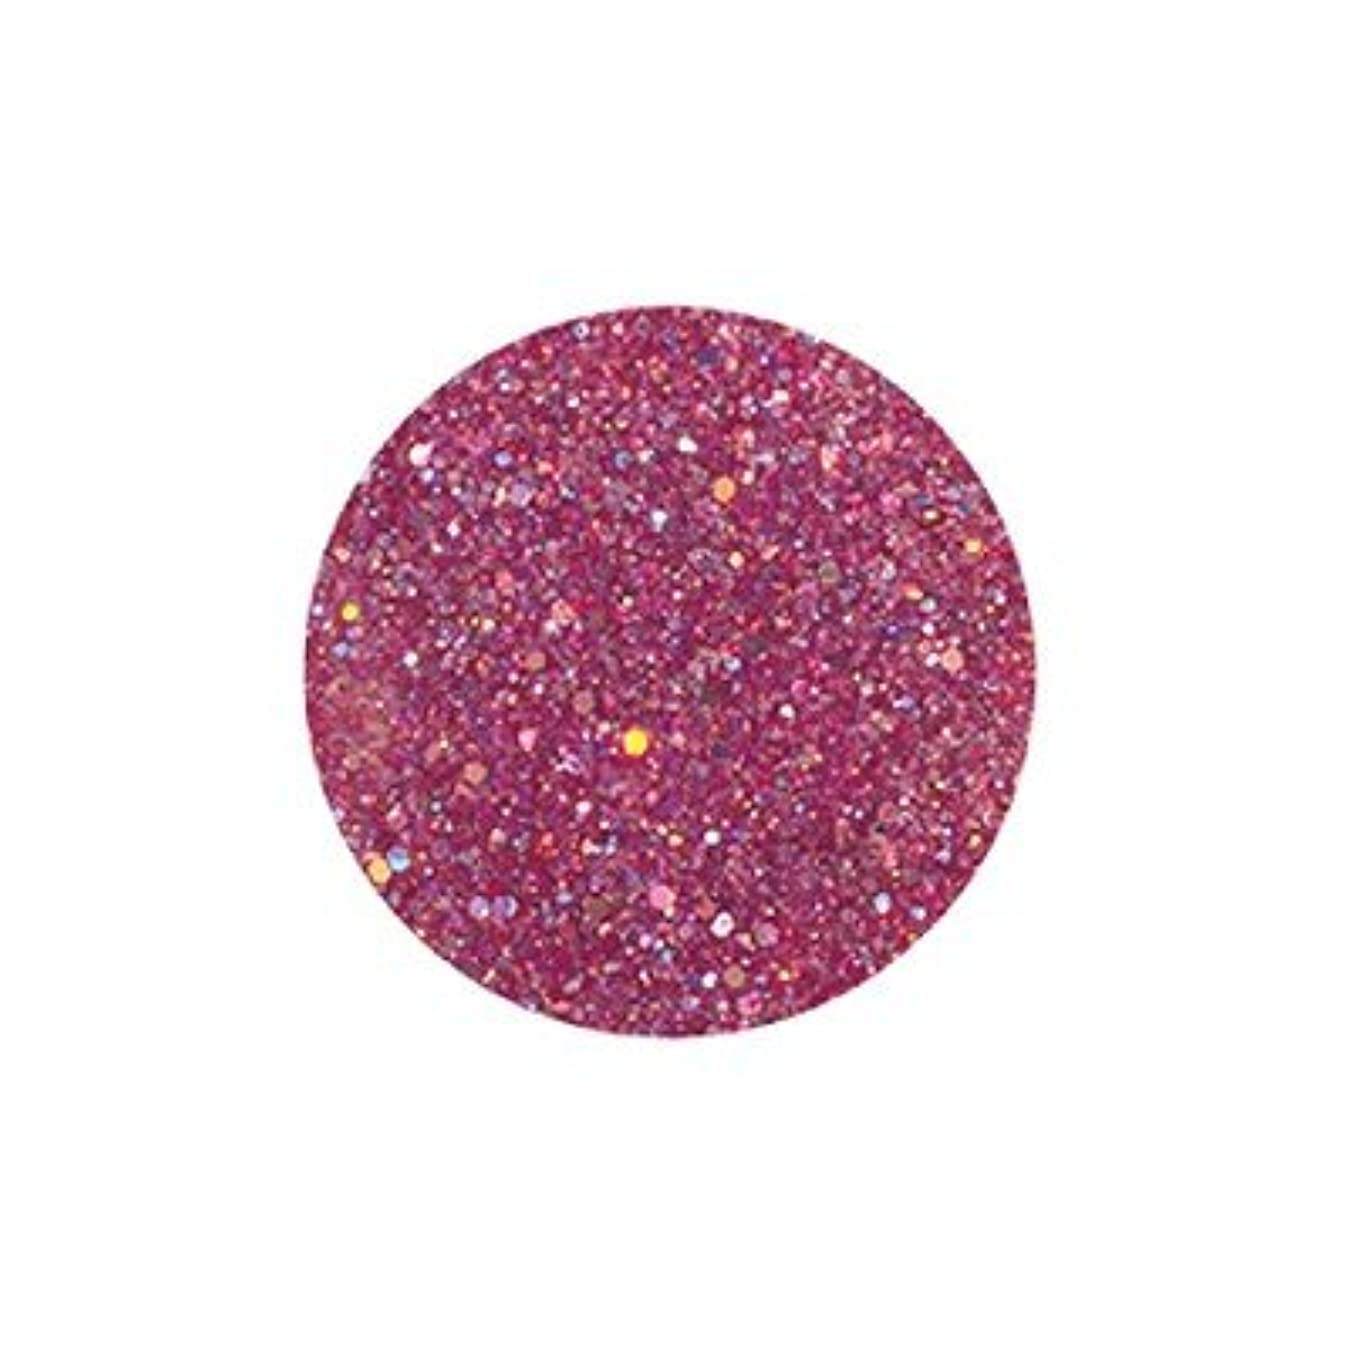 安価な謝るジャングルFANTASY NAIL ダイヤモンドコレクション 3g 4259XS カラーパウダー アート材